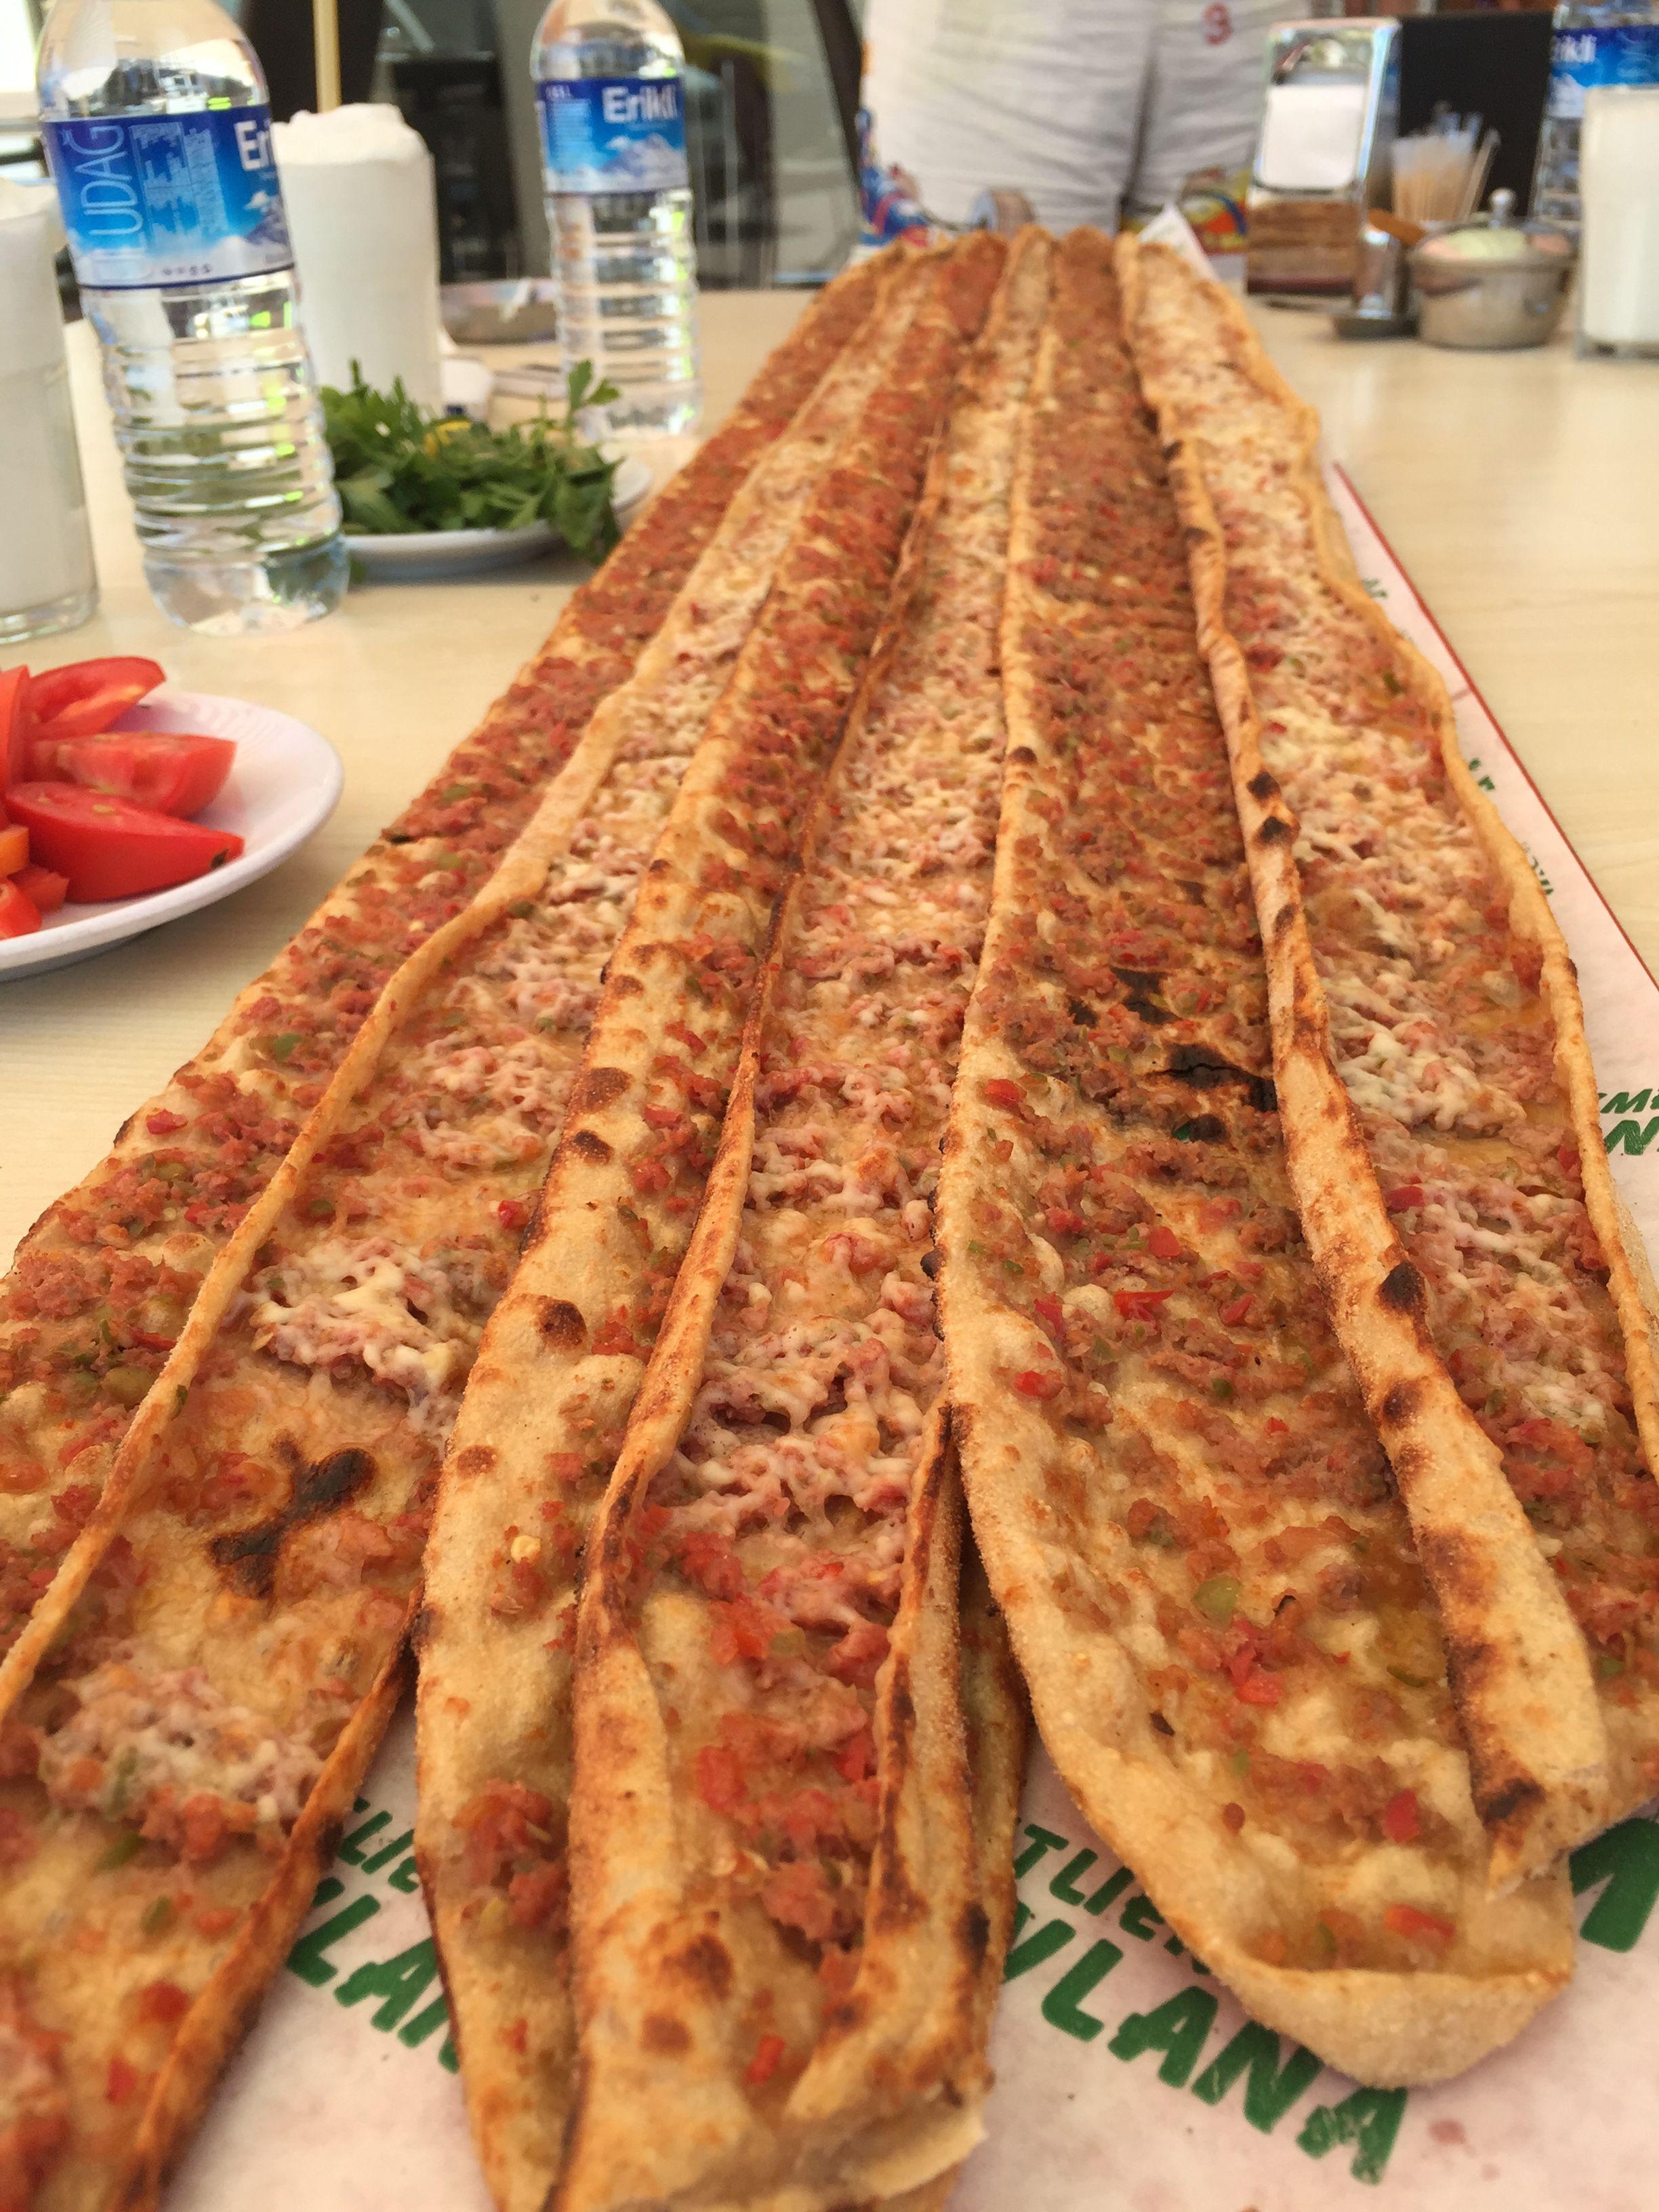 2448px-Etli_ekmek_in_Konya_turkey_By_Mar